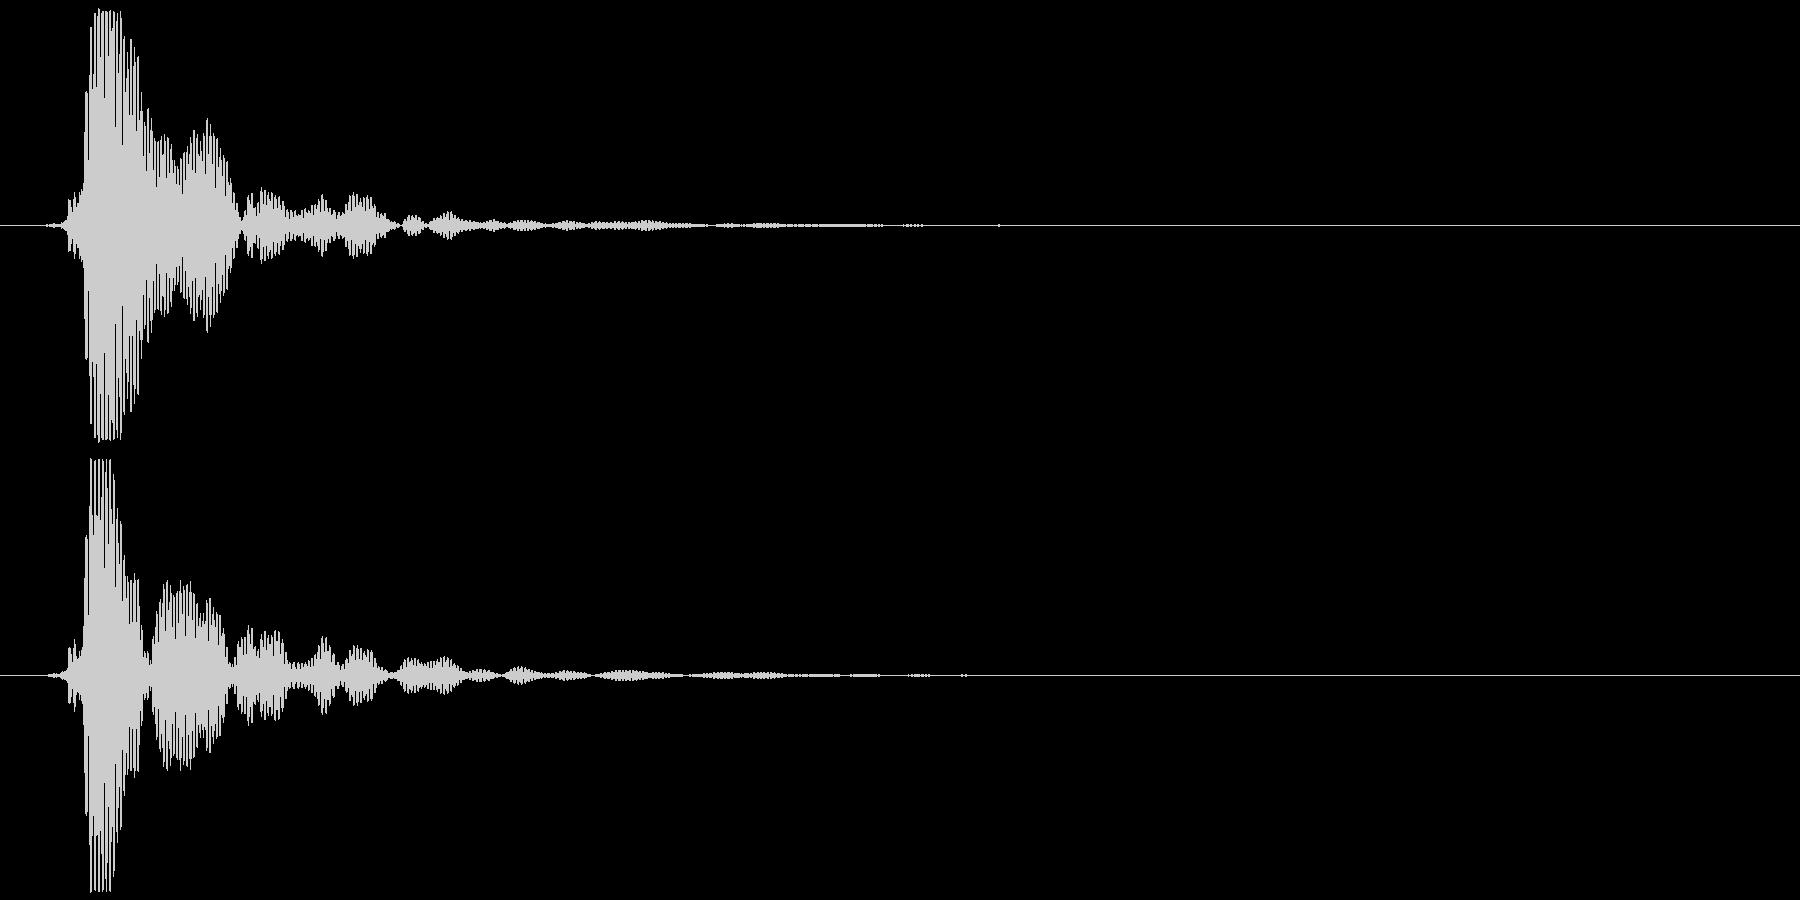 ポン (抜くような音)の未再生の波形